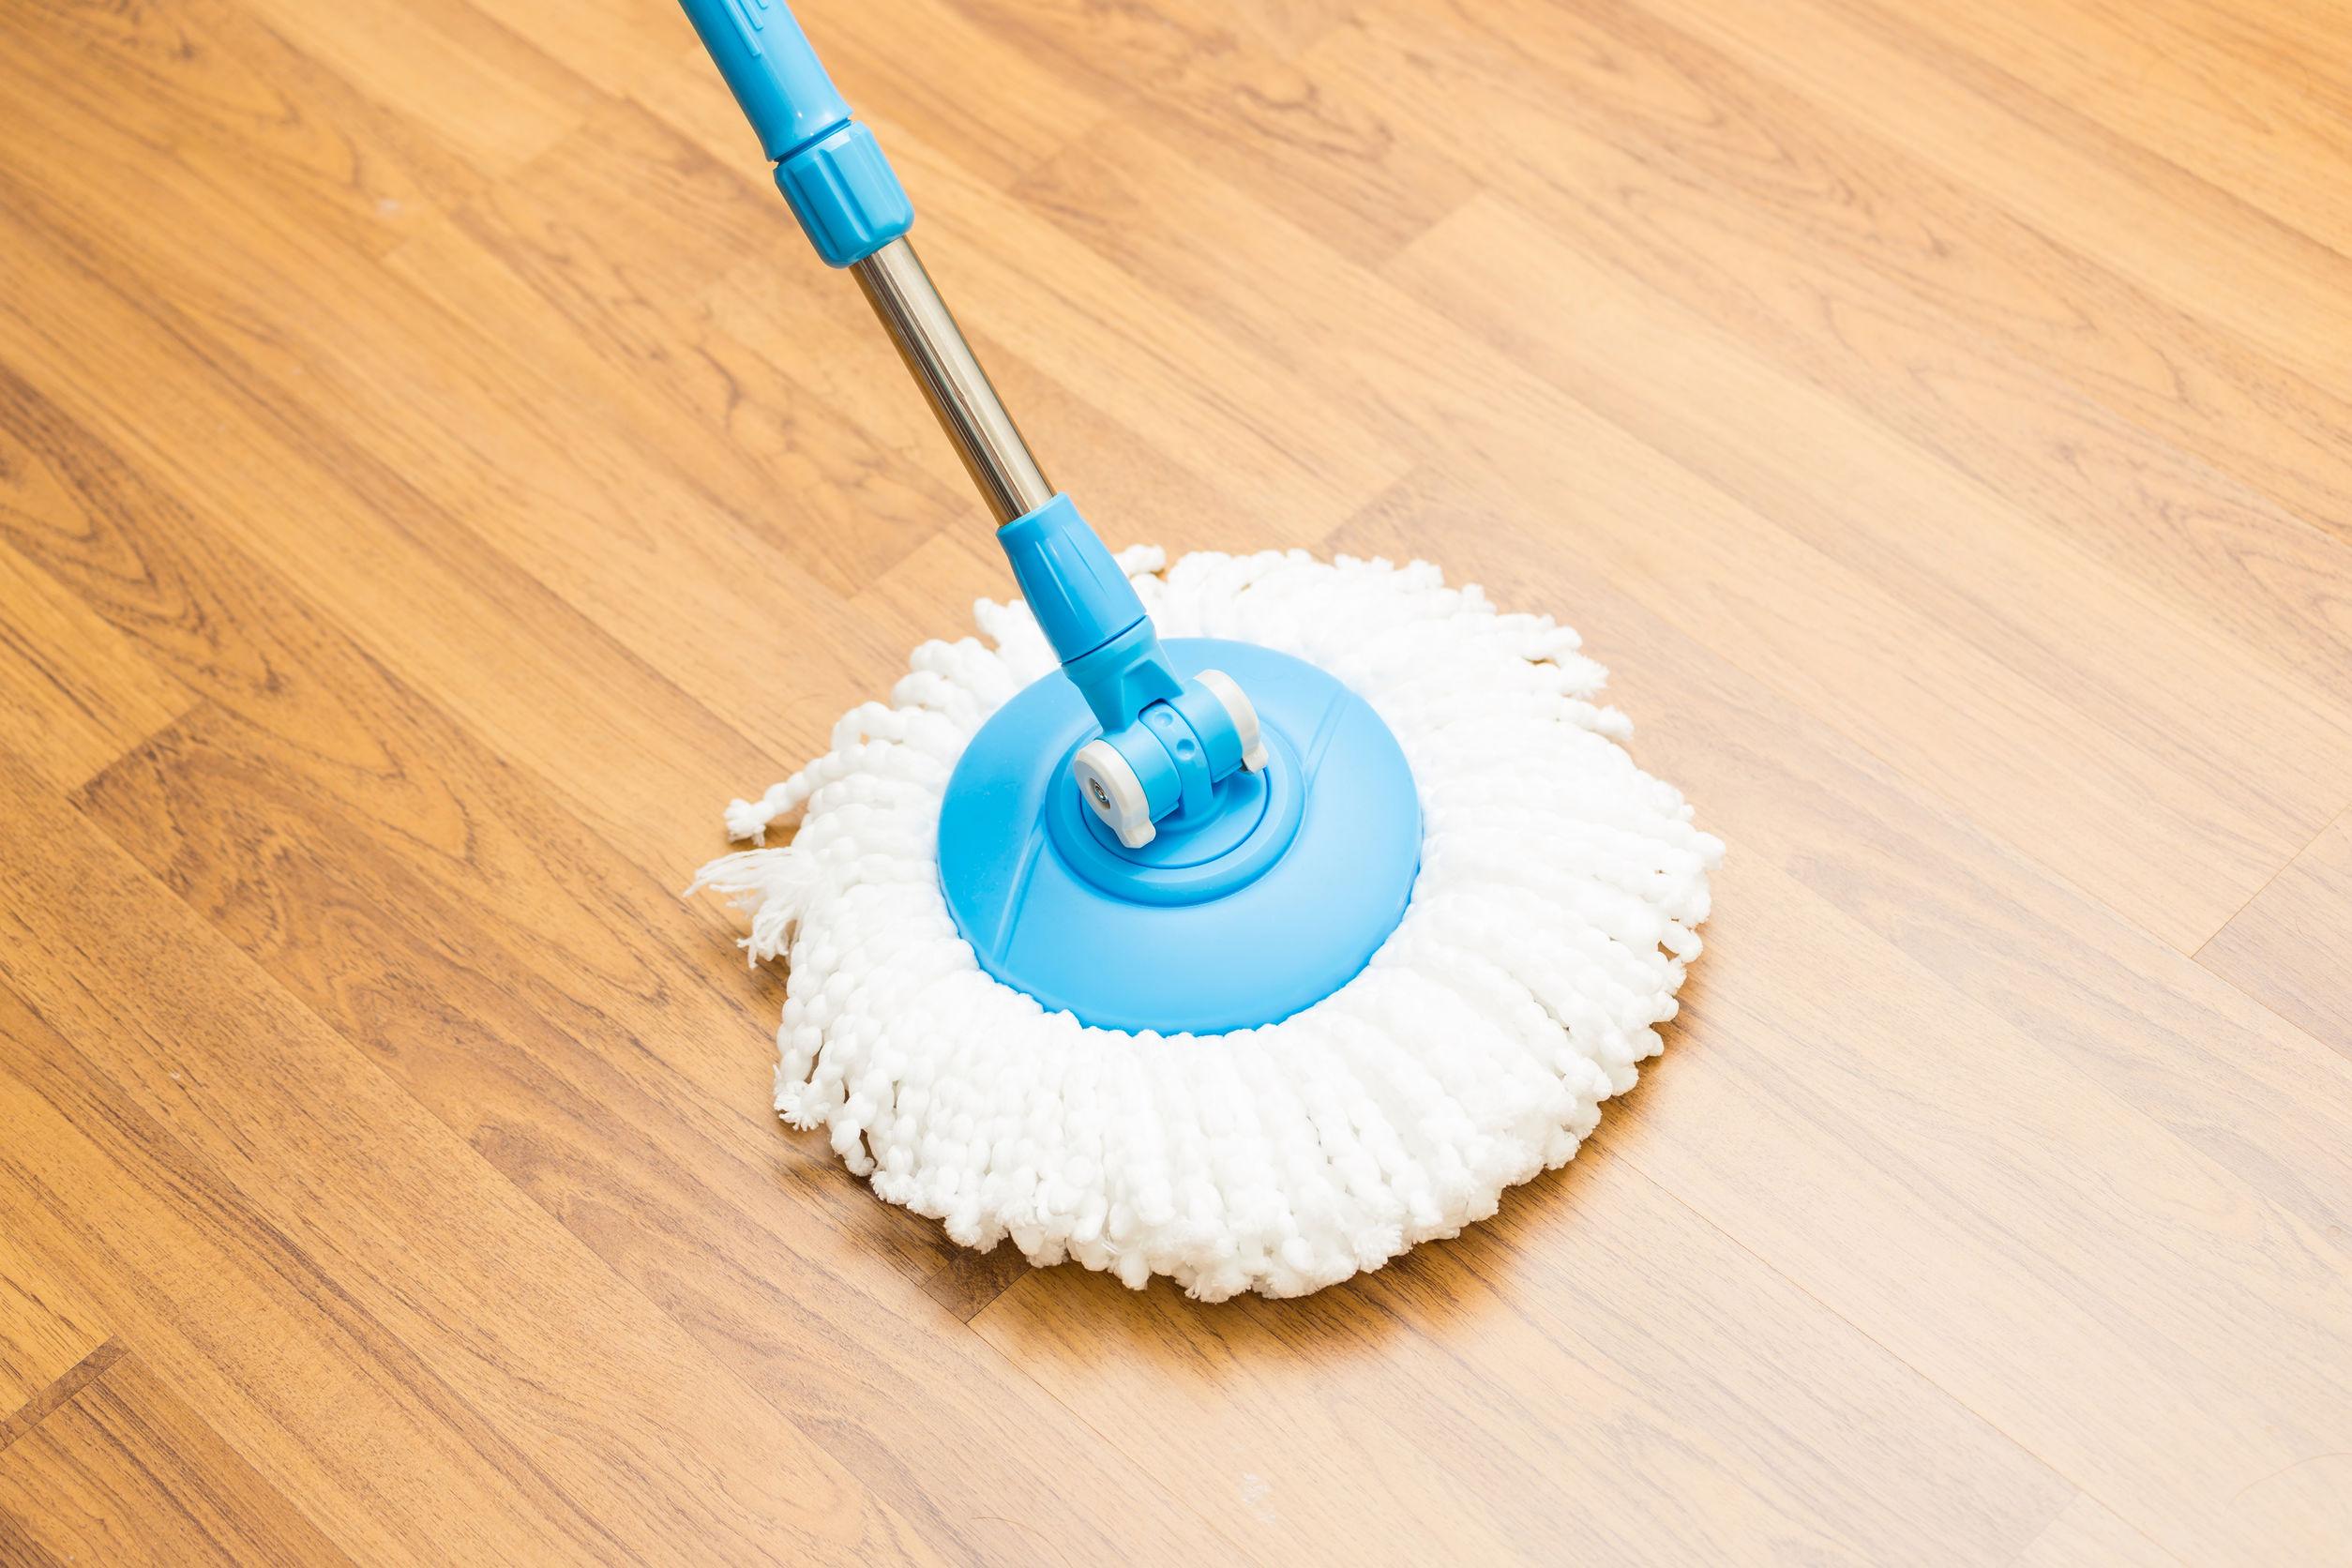 Limpieza con trapeador moderno en piso de madera laminada.